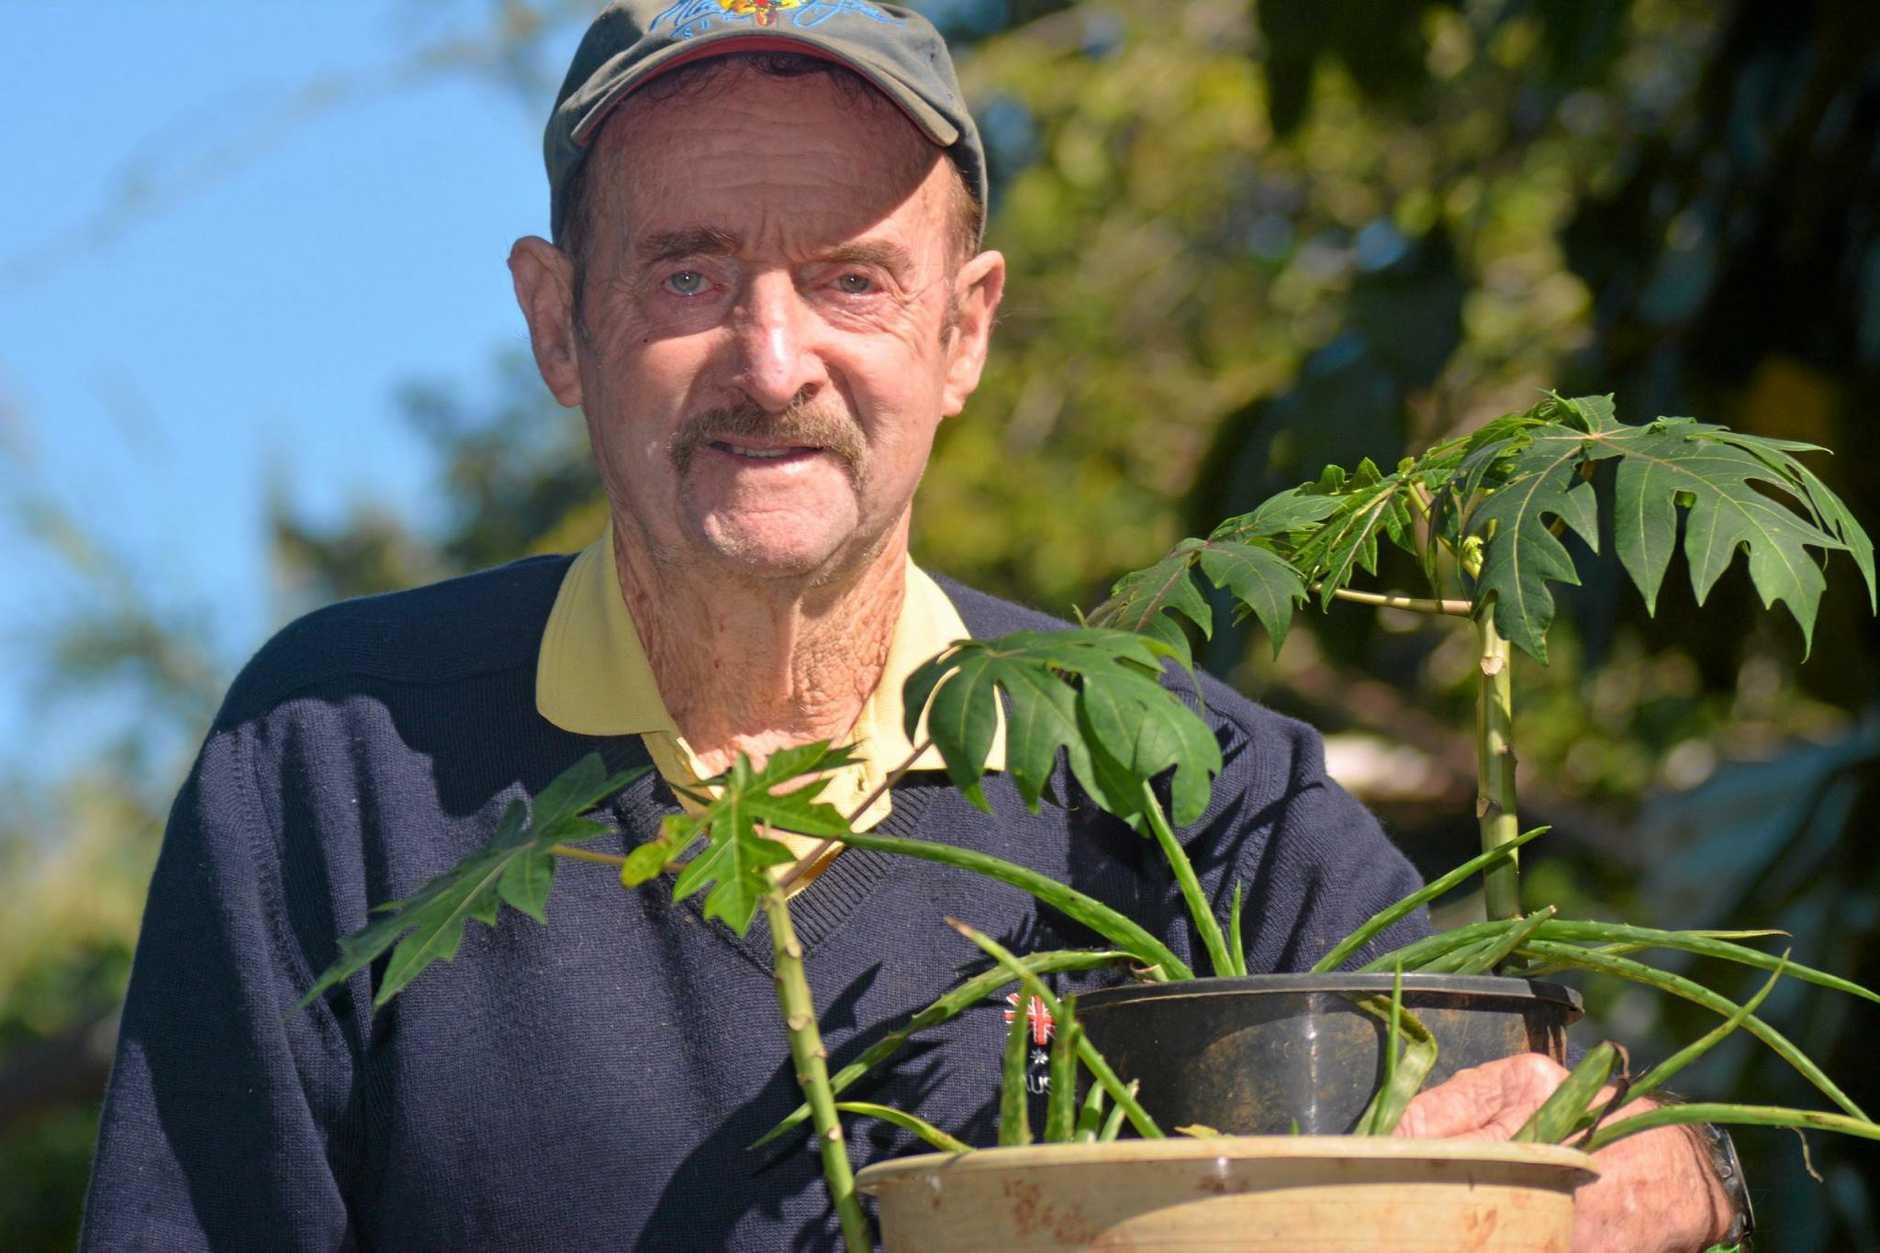 Arthritis sufferer swears by his 'elixir of life' | Seniors News